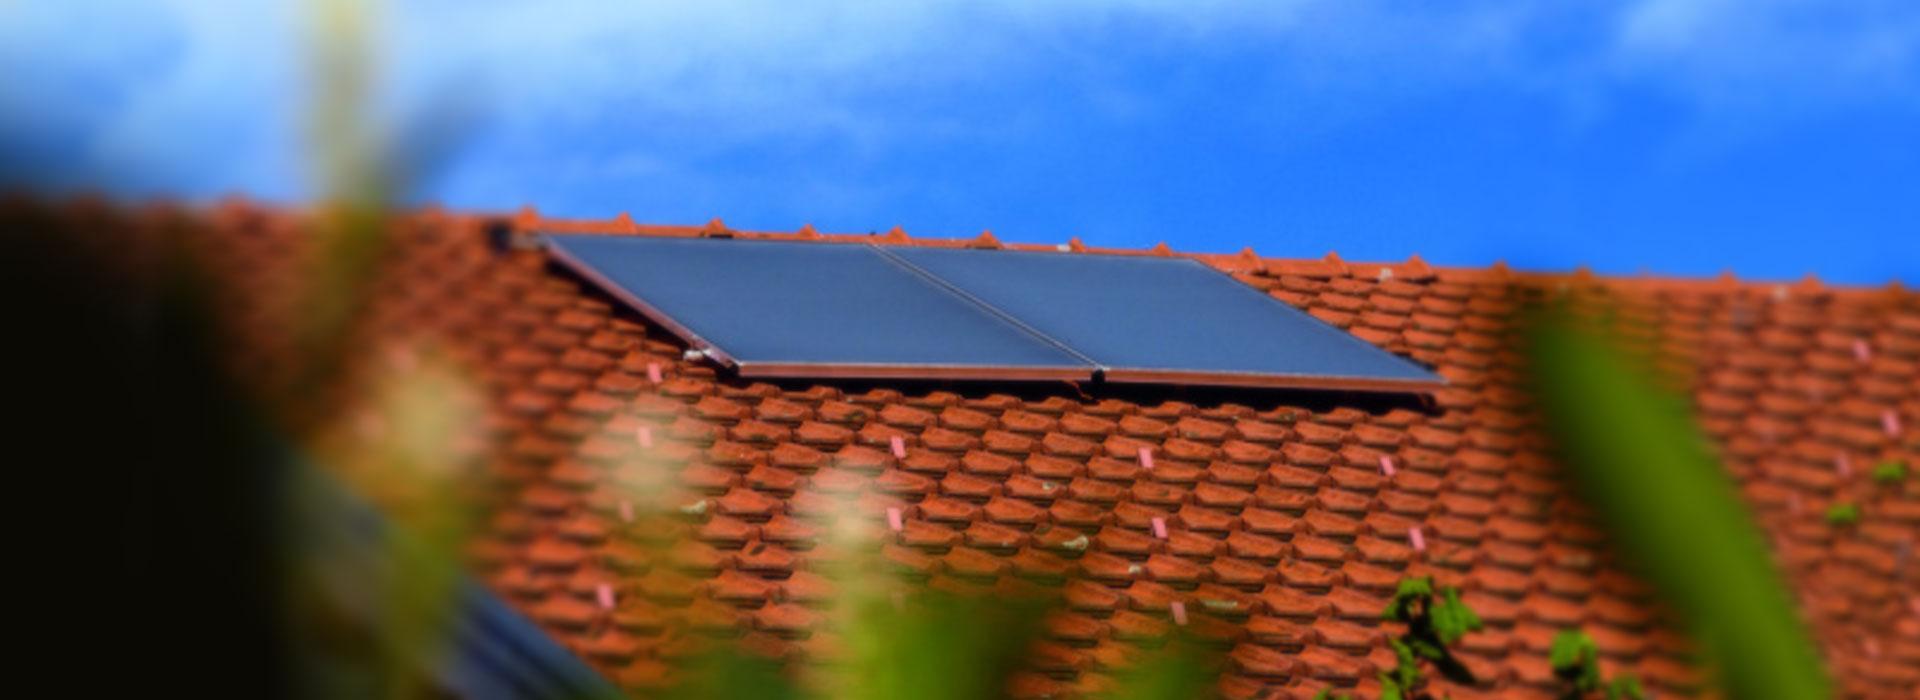 pannelli solari termici exsus